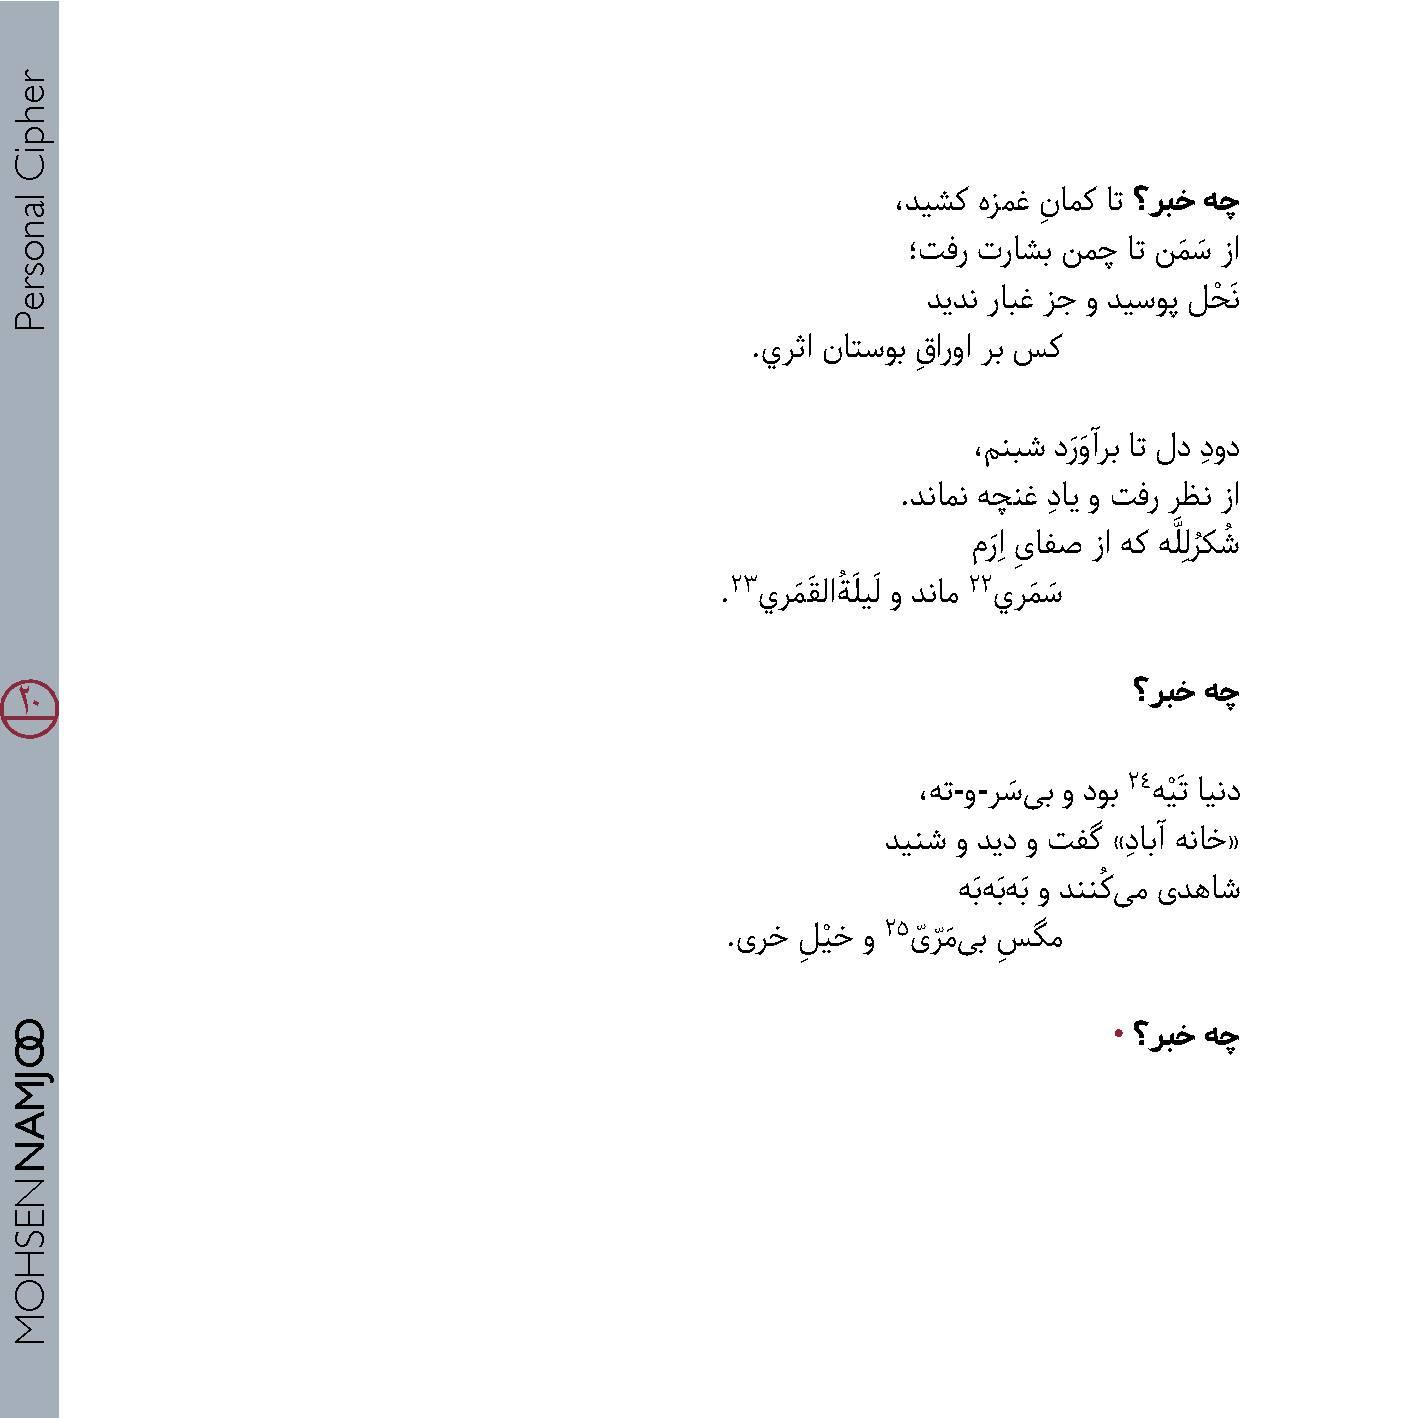 file-page20.jpg